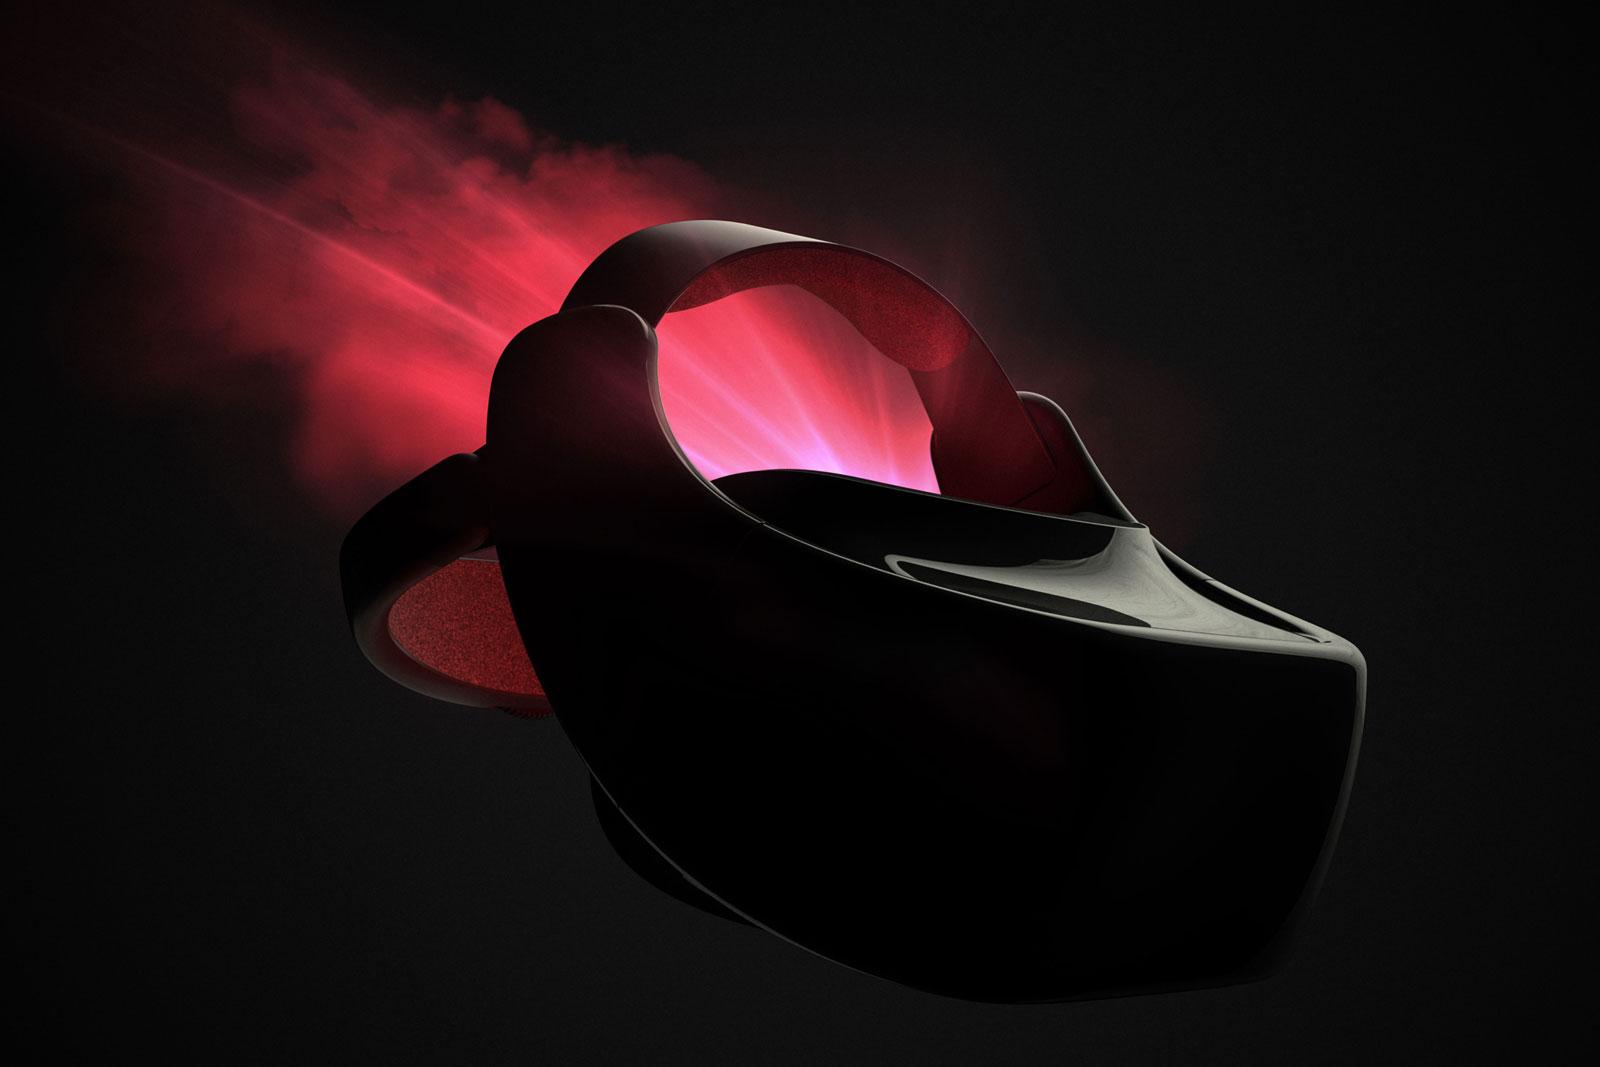 Le premier casque VR autonome lancé en Chine — HTC Vive